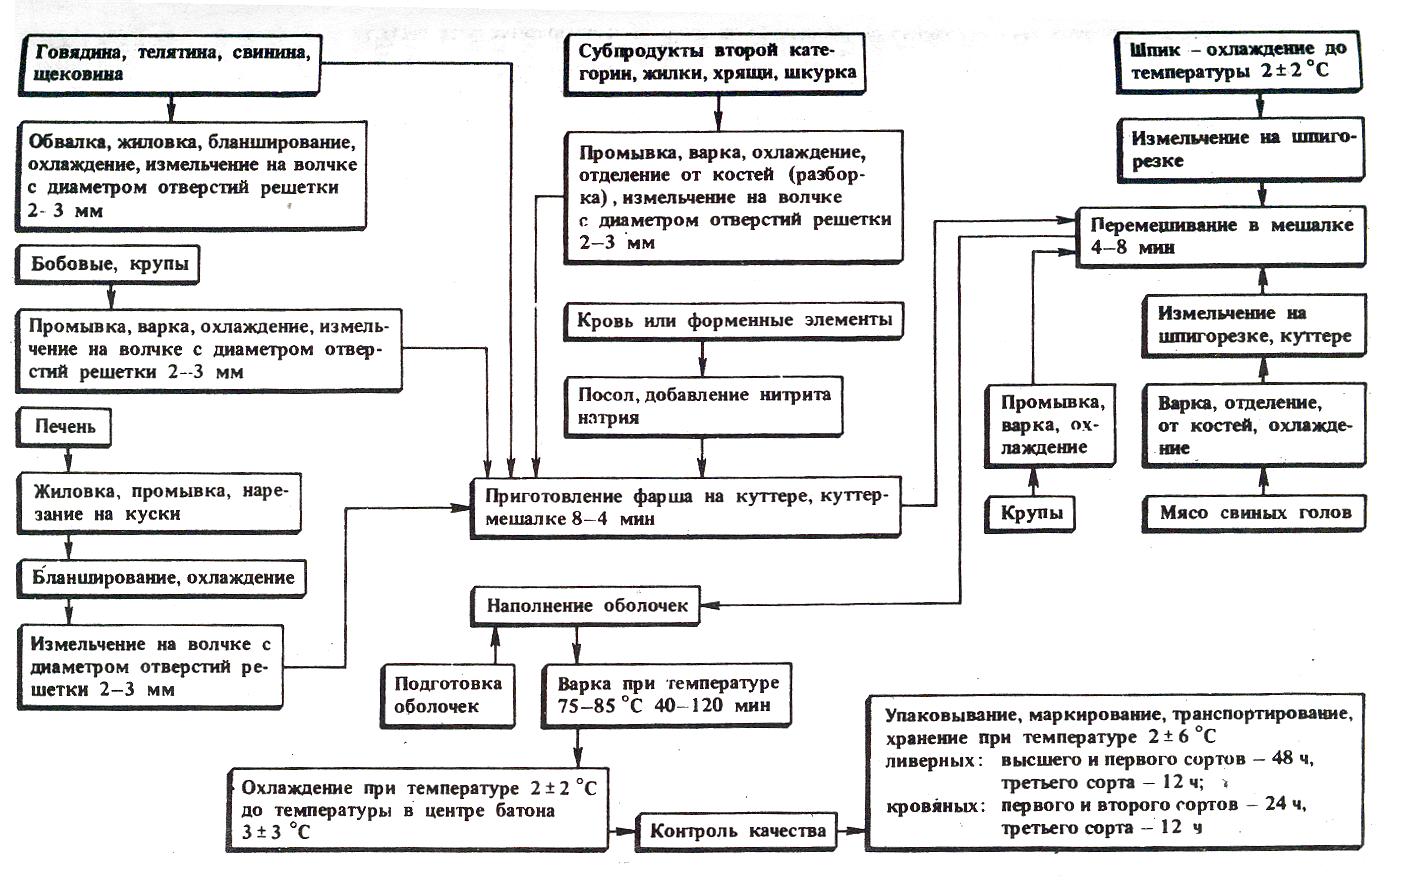 М. шаболовская на схеме метро